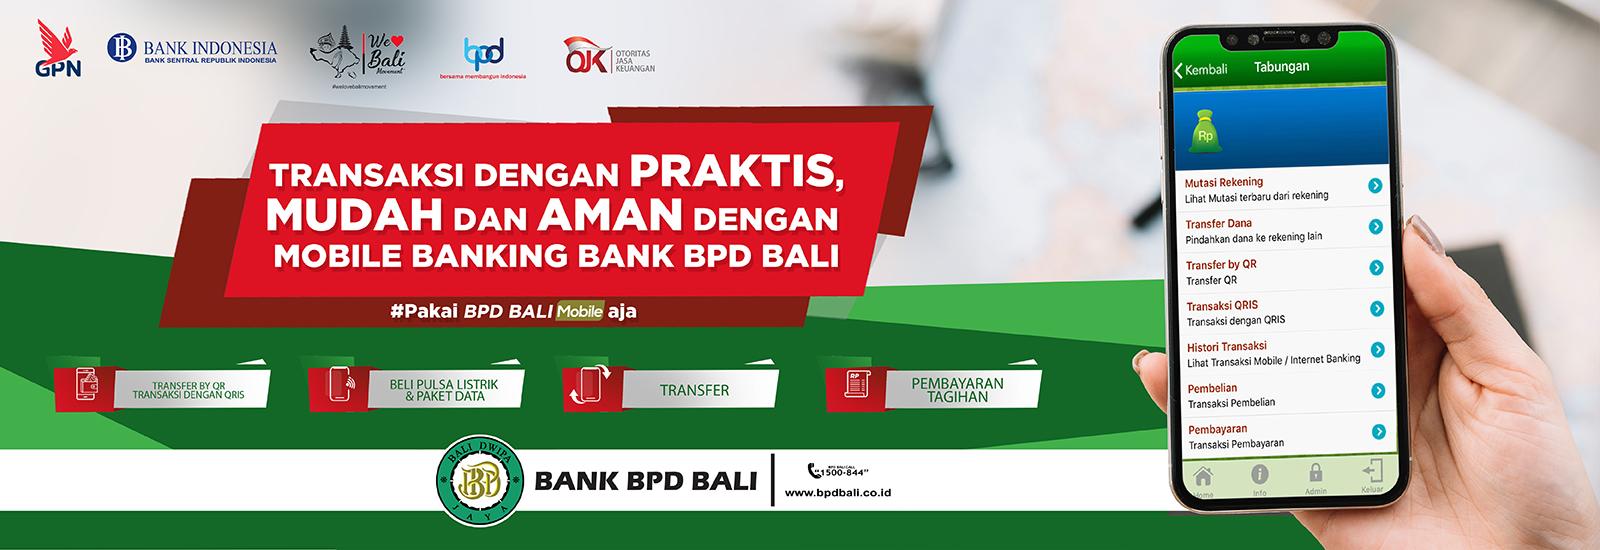 Iklan Home Diatas BPD Bali transaksi online